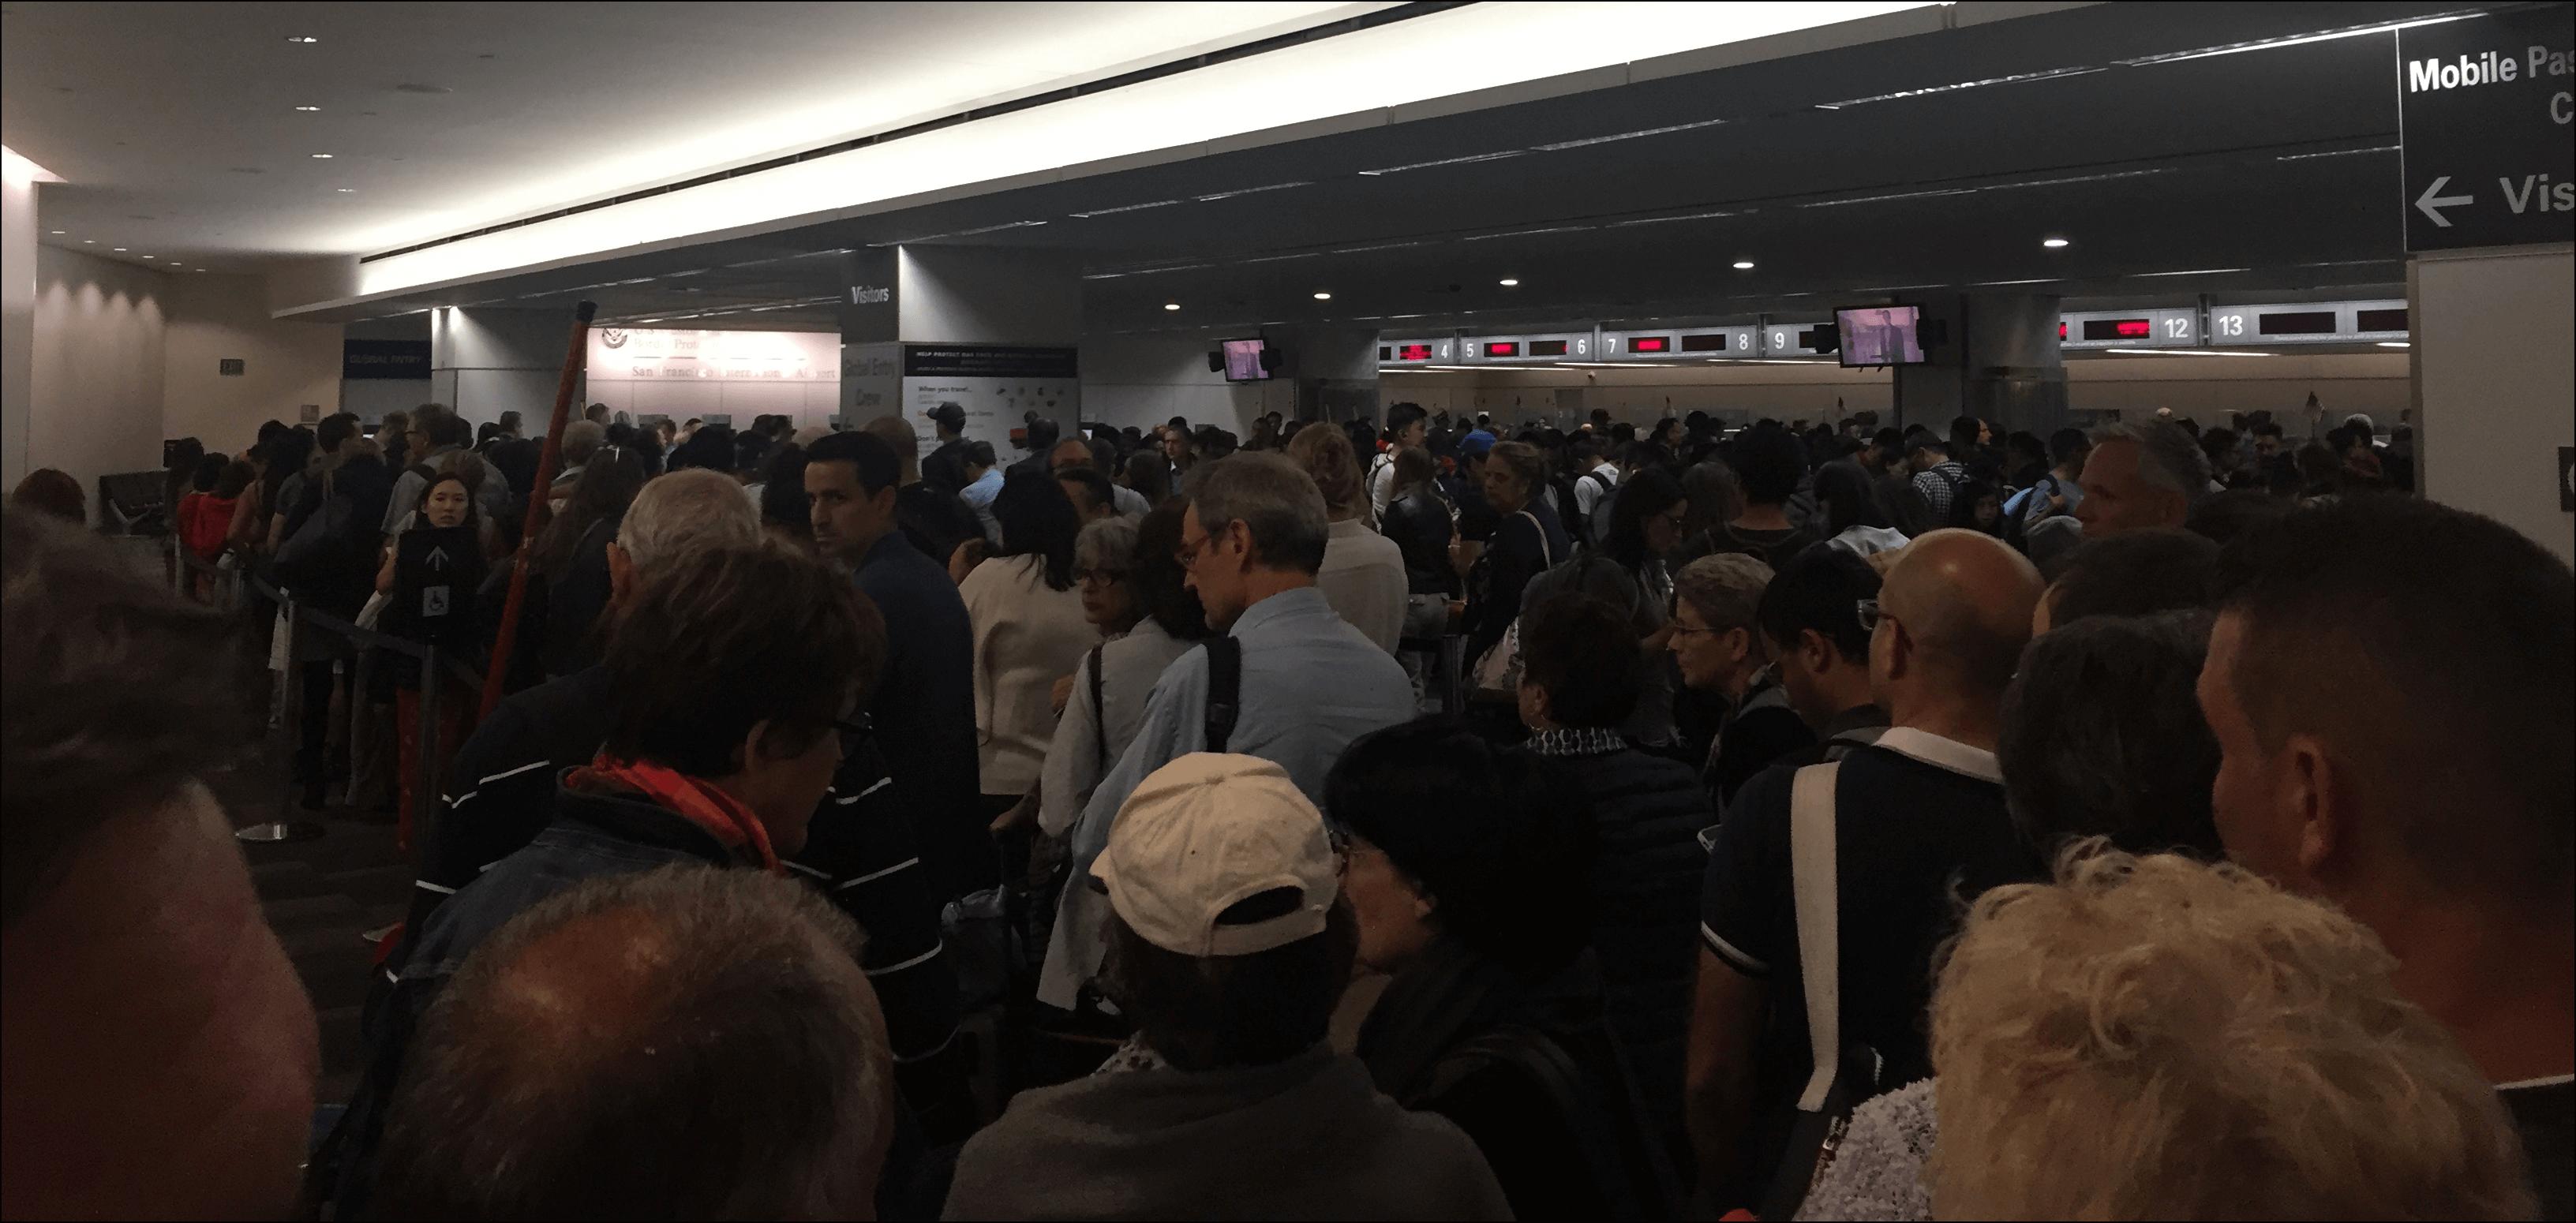 Flughafen San Francisco Menschenmenge am Zoll